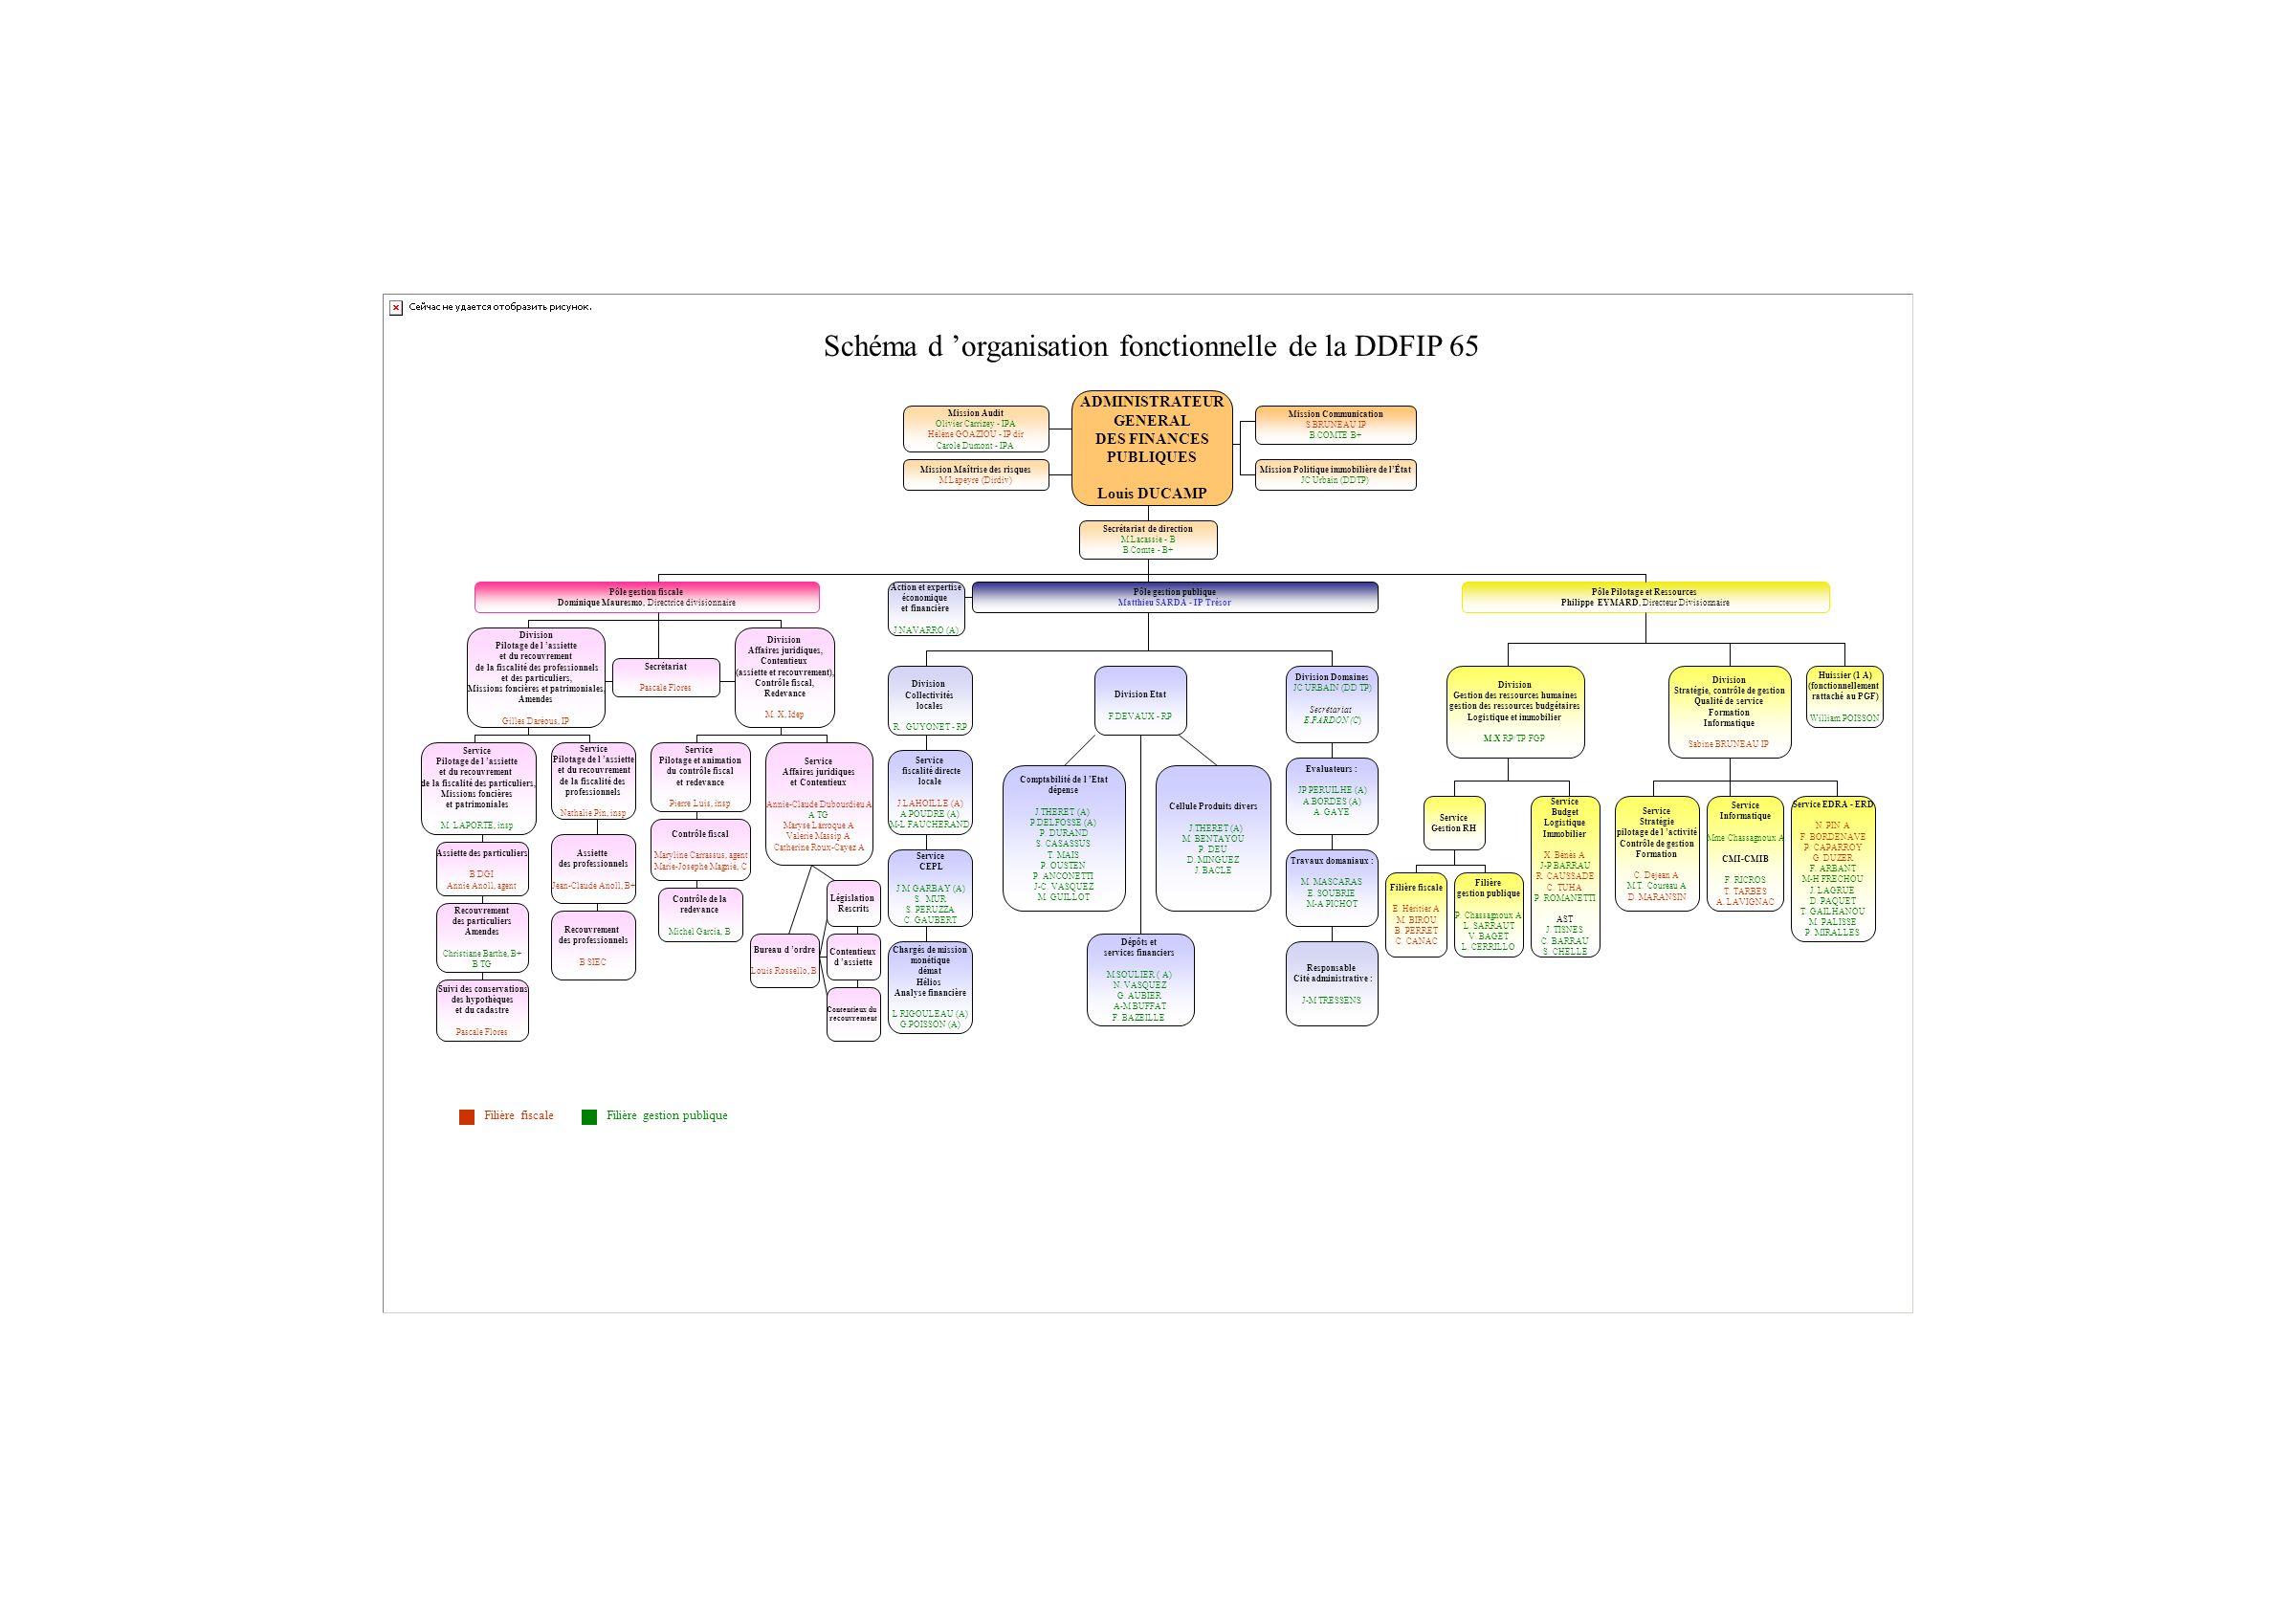 Schéma d 'organisation fonctionnelle de la DDFIP 65